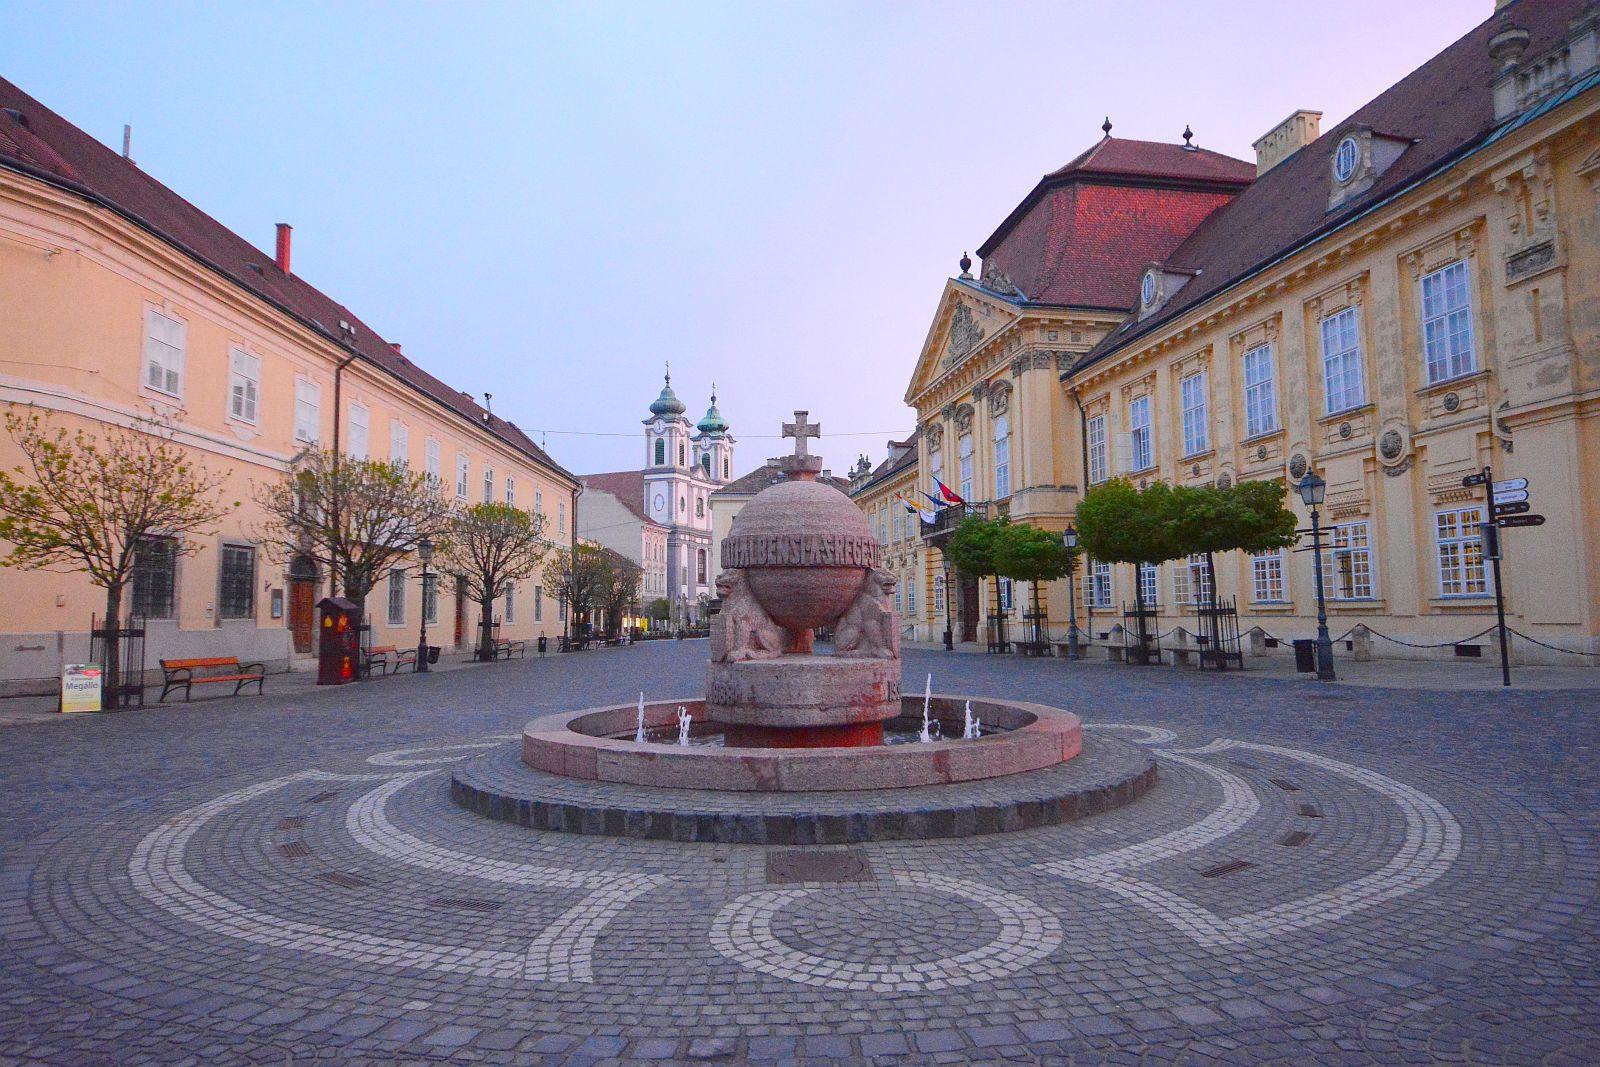 c64ef35cd0 Székesfehérvár Városportál - Kezdődik az Egyházmegyei Múzeum ...